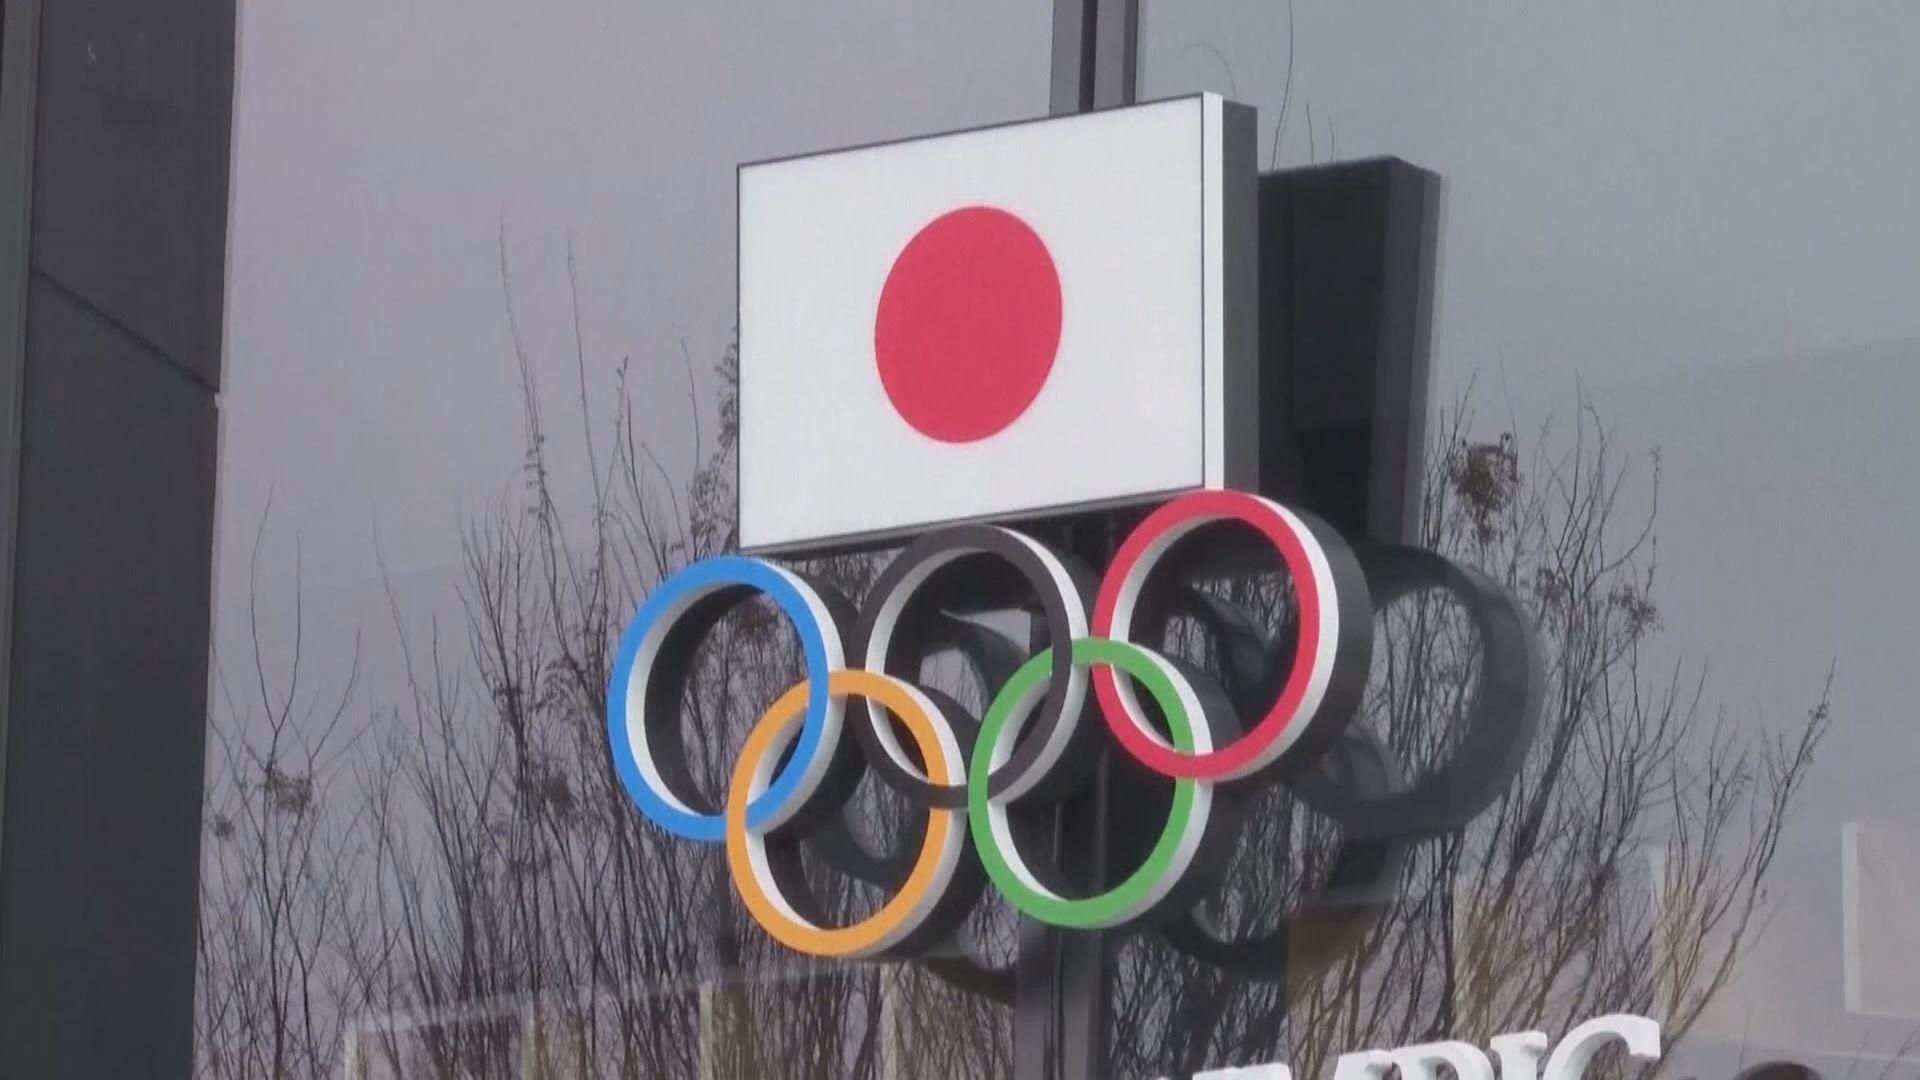 東奧下月23日開幕禮 據報當局有意允兩萬人入場